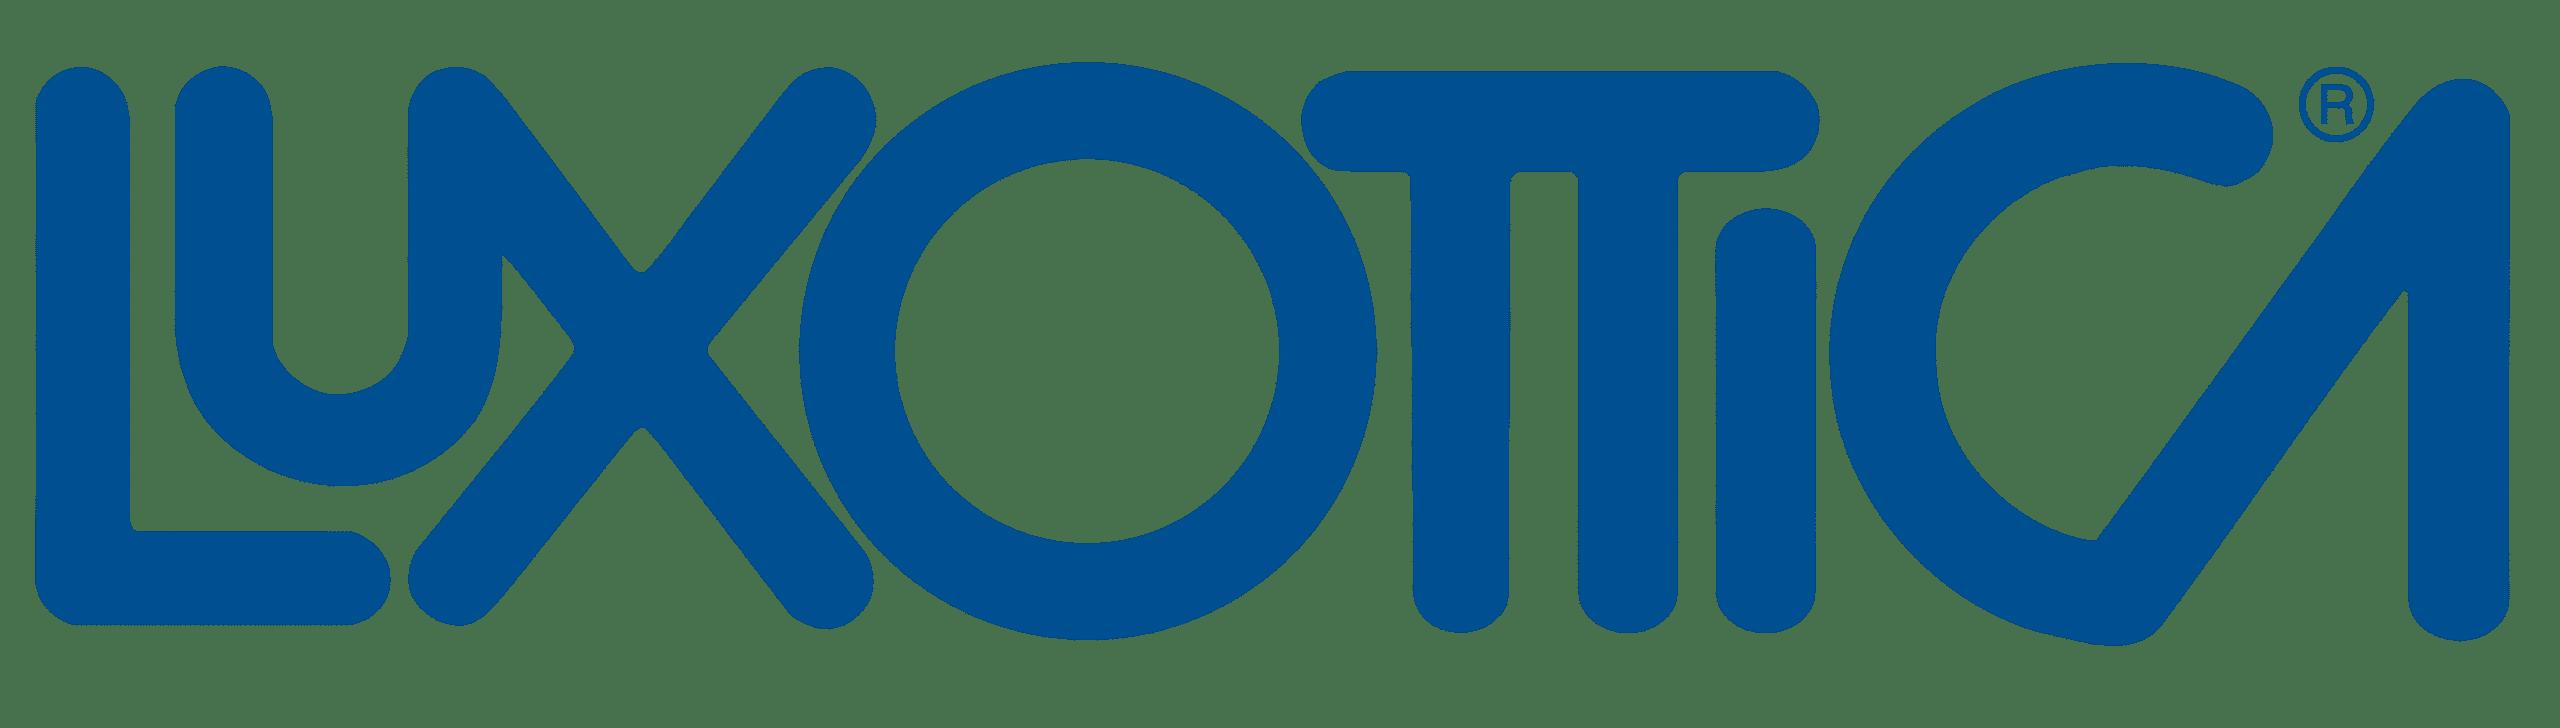 Luxottica_logo